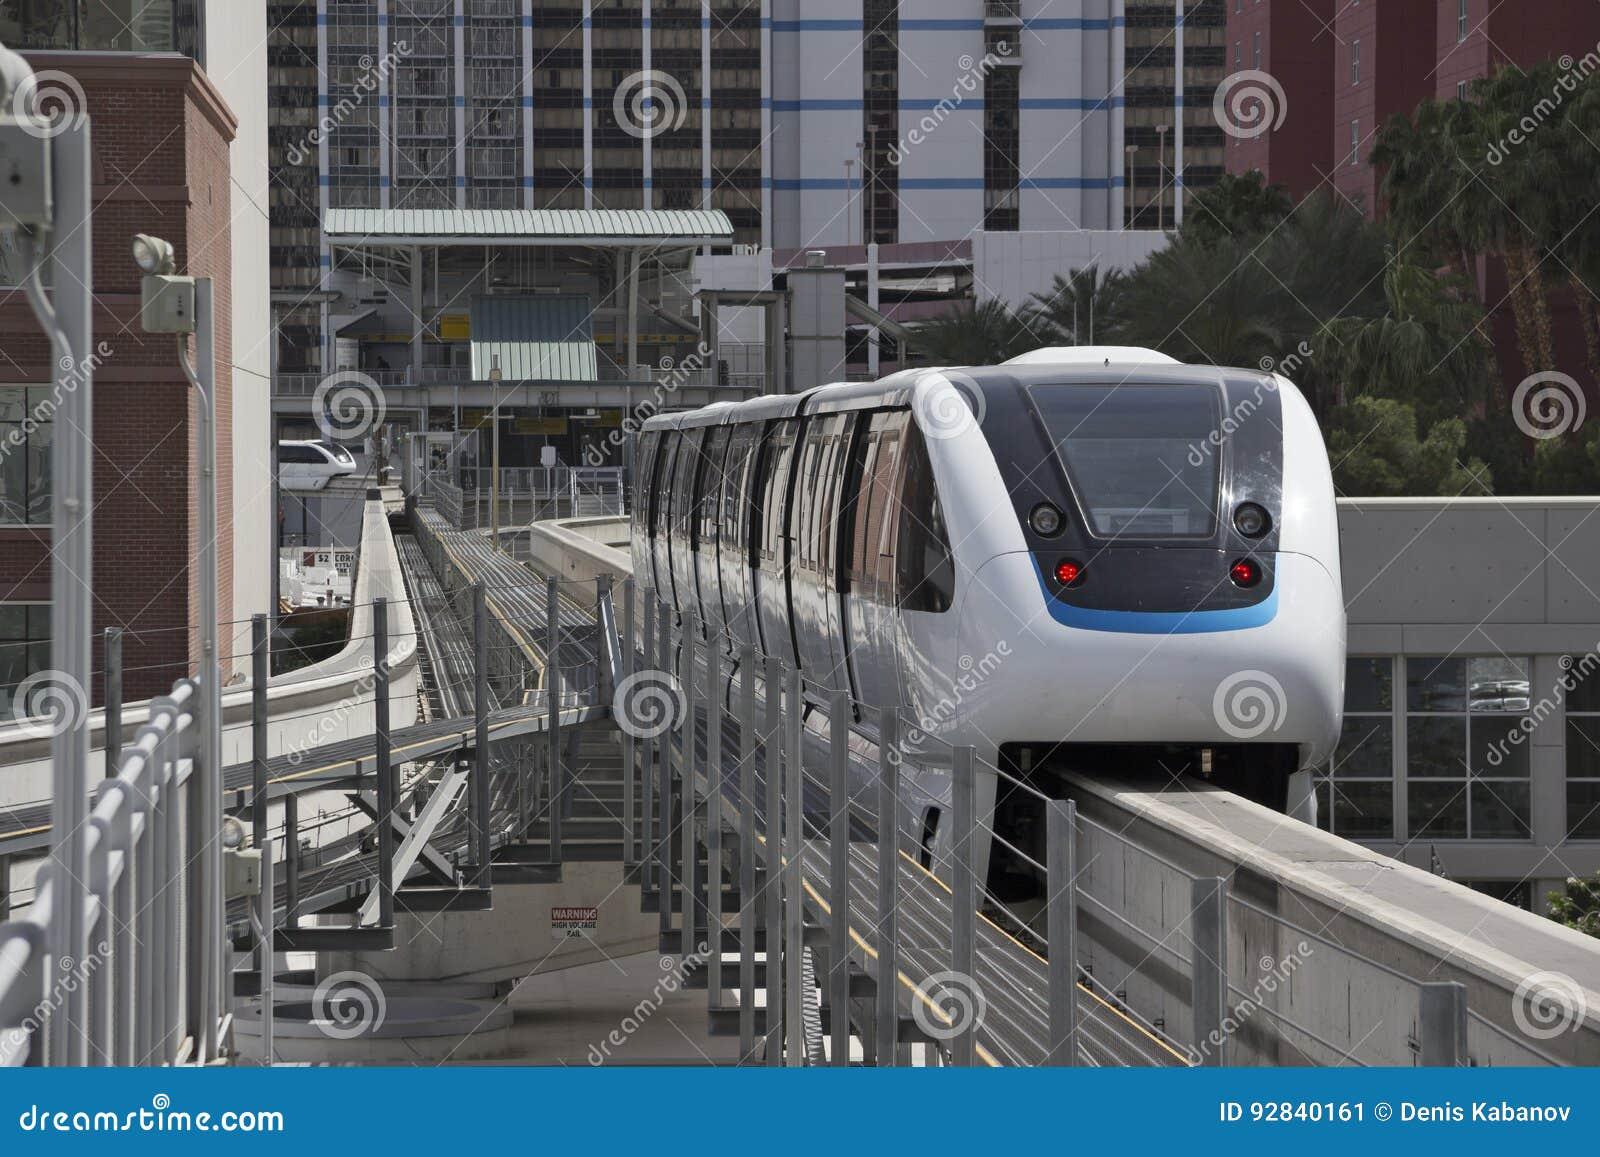 U.S.A. - Monor automatico Driverless della monorotaia train4-cars del Nevada - Las Vegas